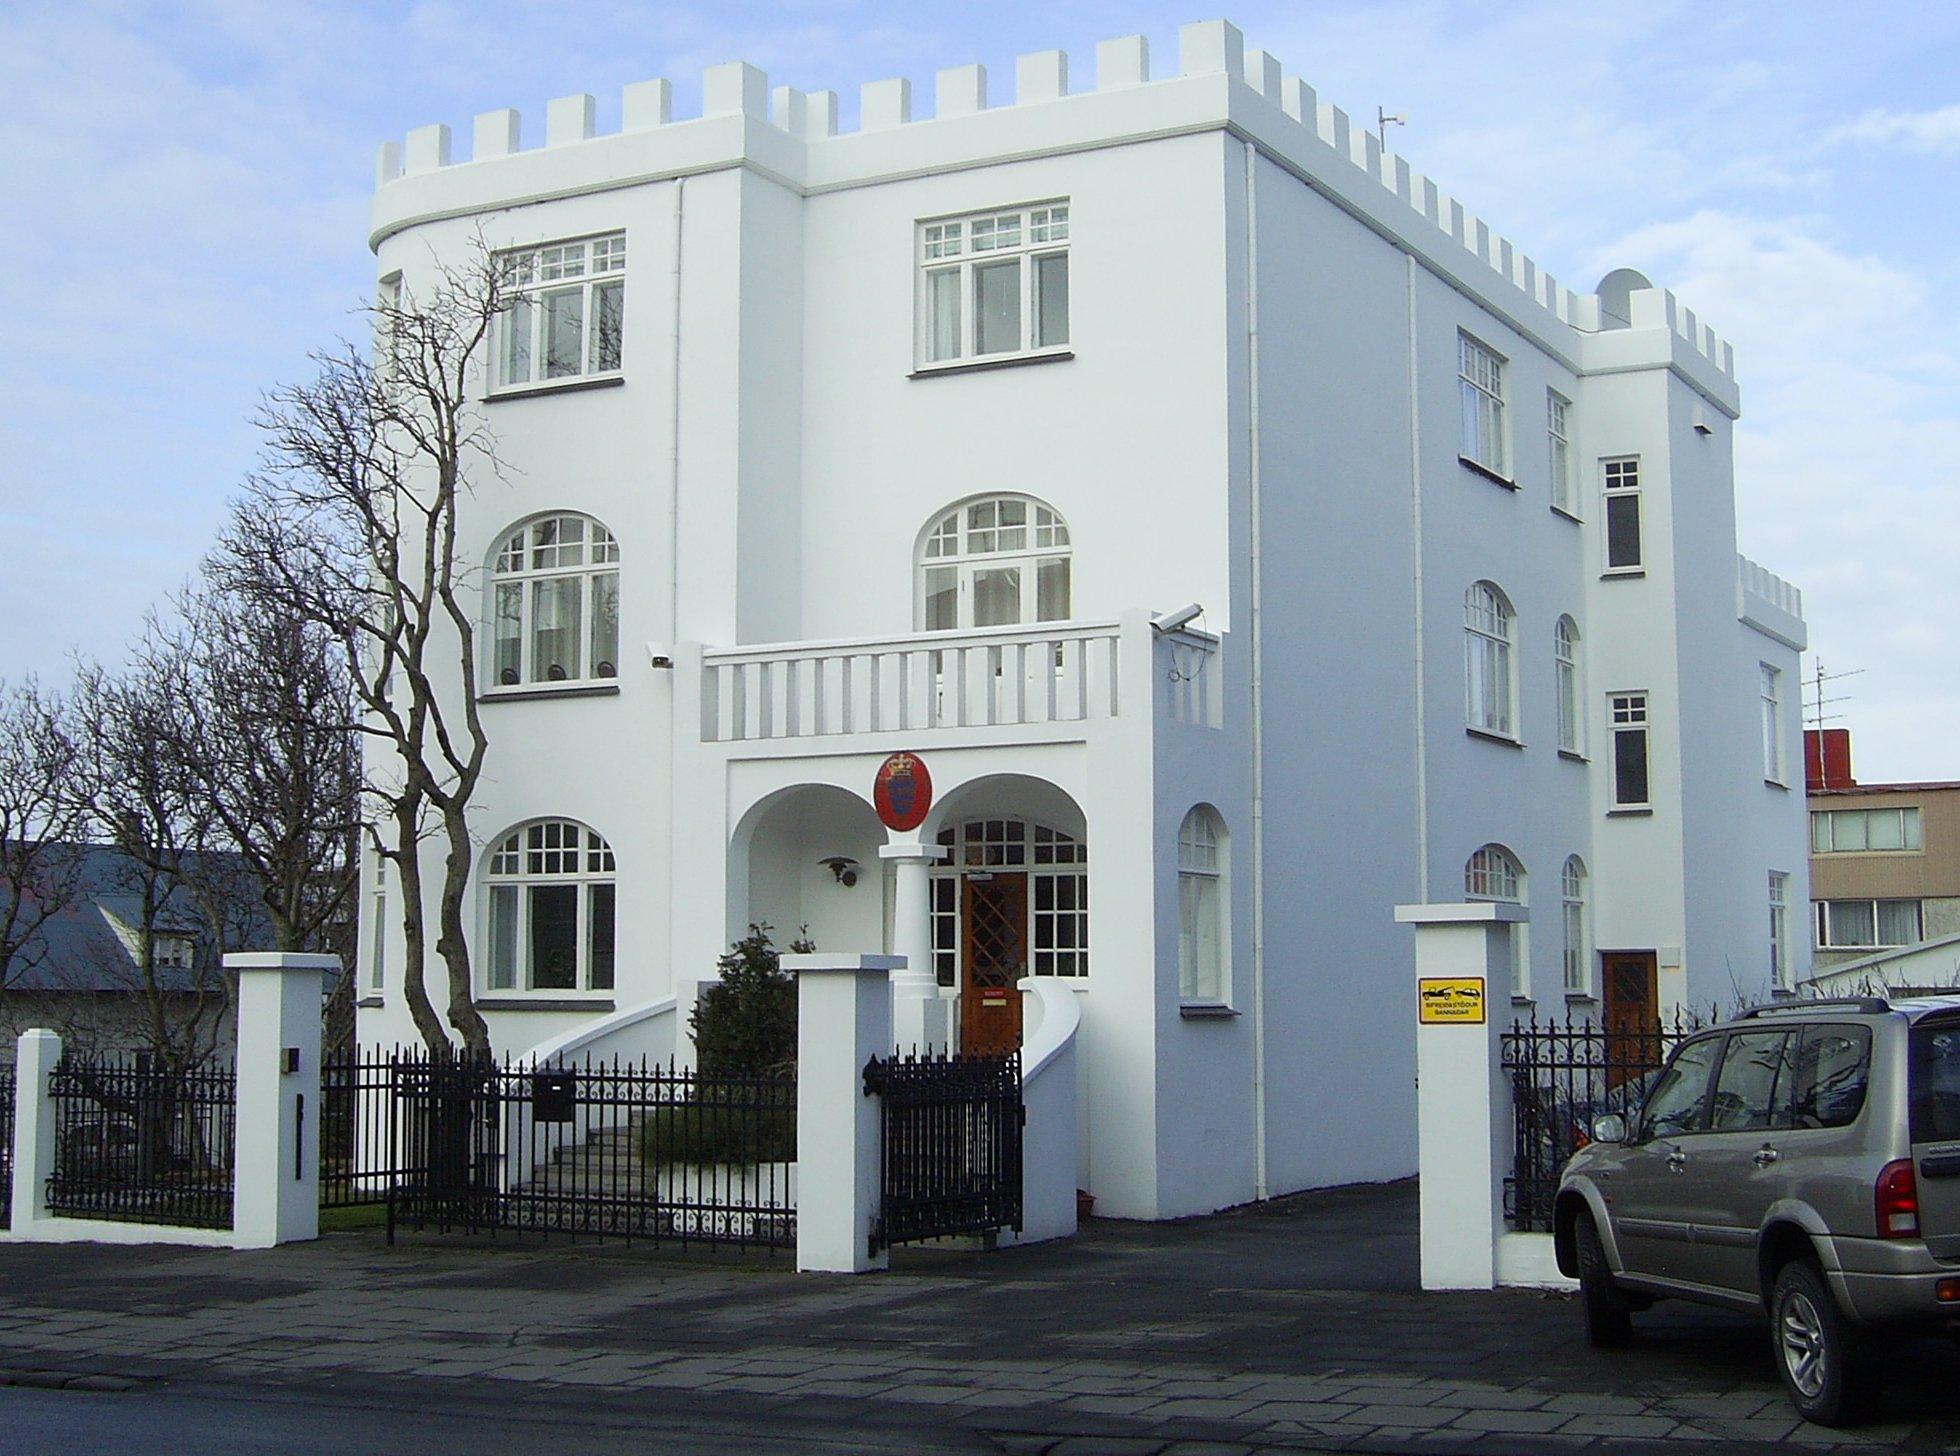 tyrkisk ambassade dk